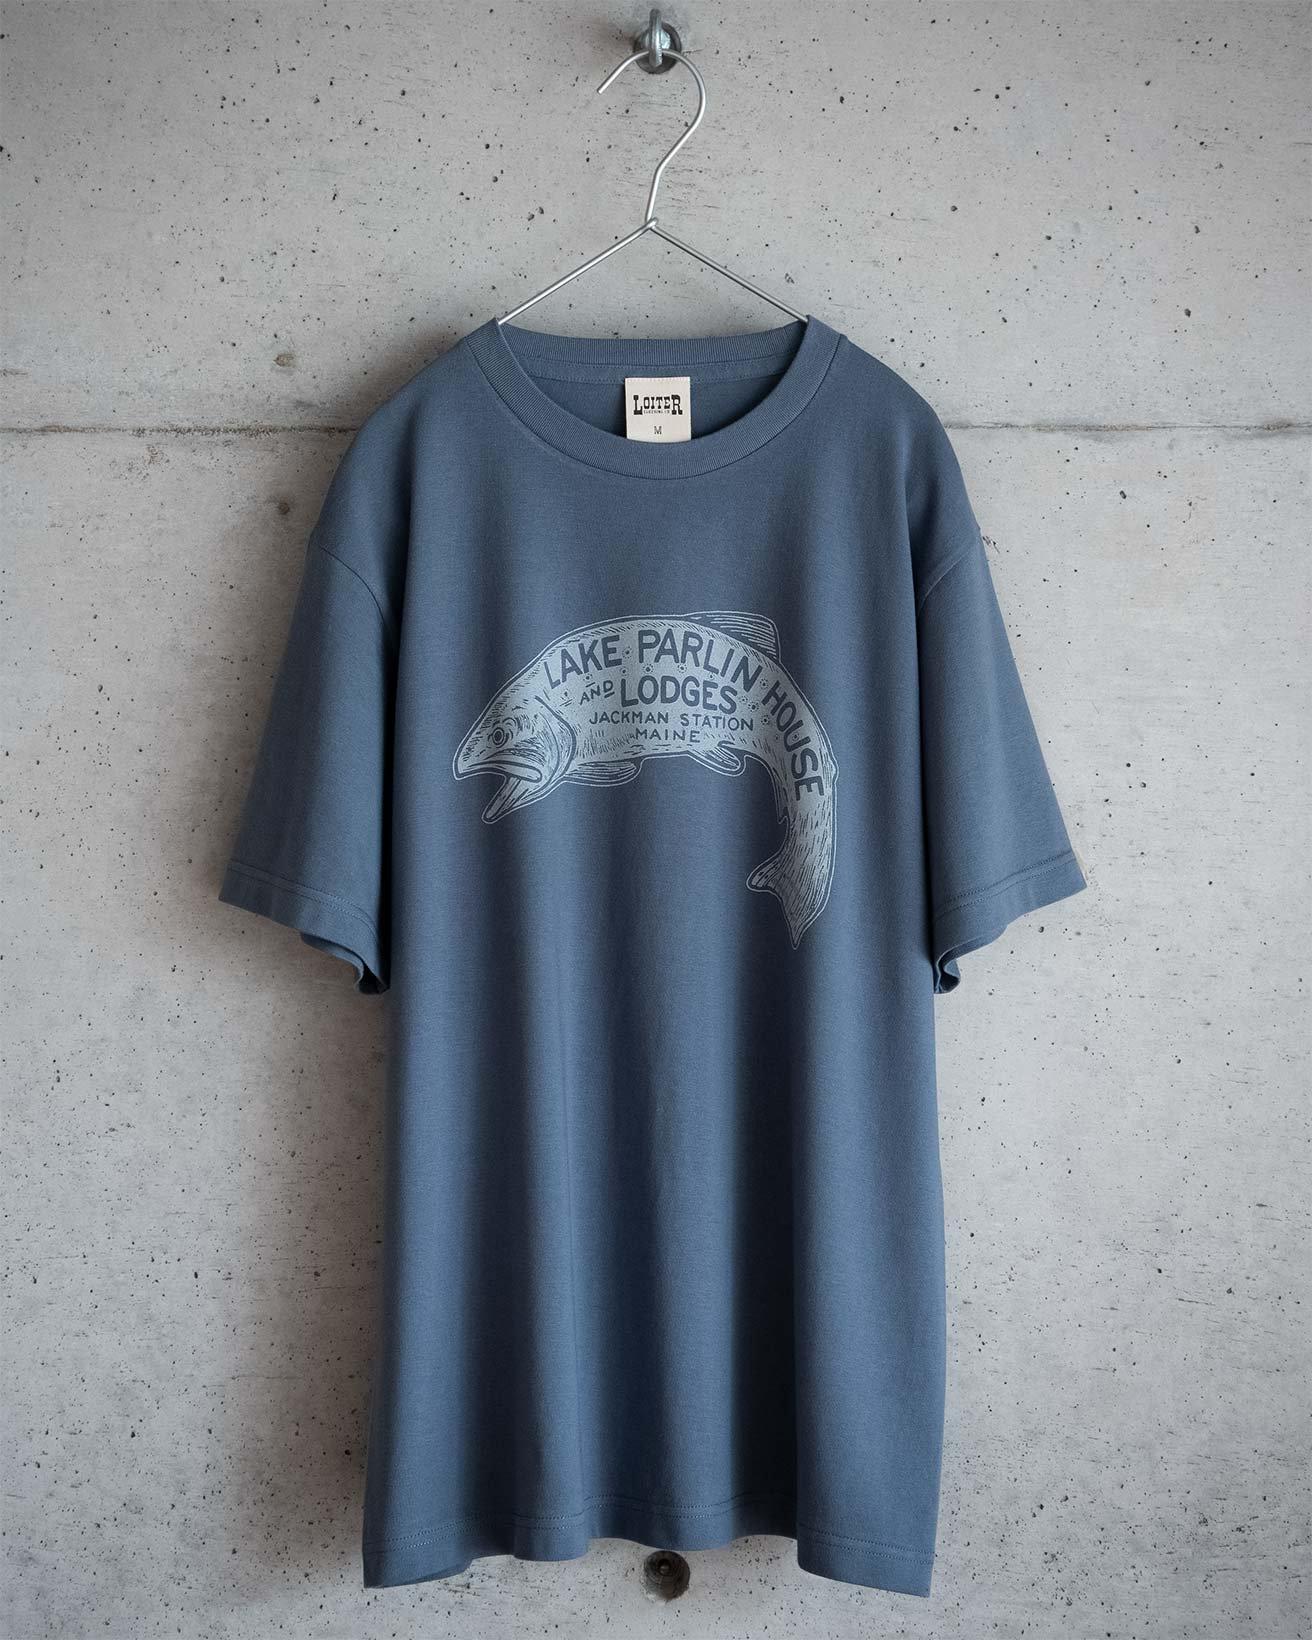 ロイターのアメカジ LAKE PARLIN HOUSE Tシャツ